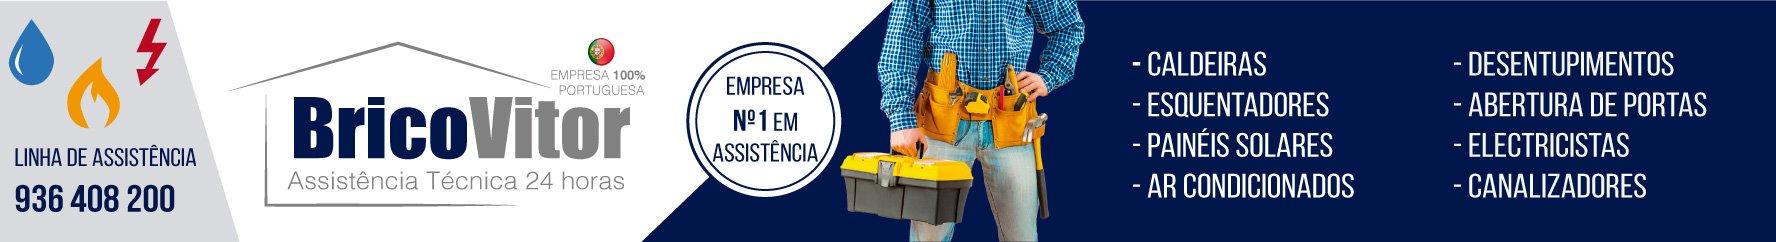 Manutenção Caldeiras Alijó - Vila Real